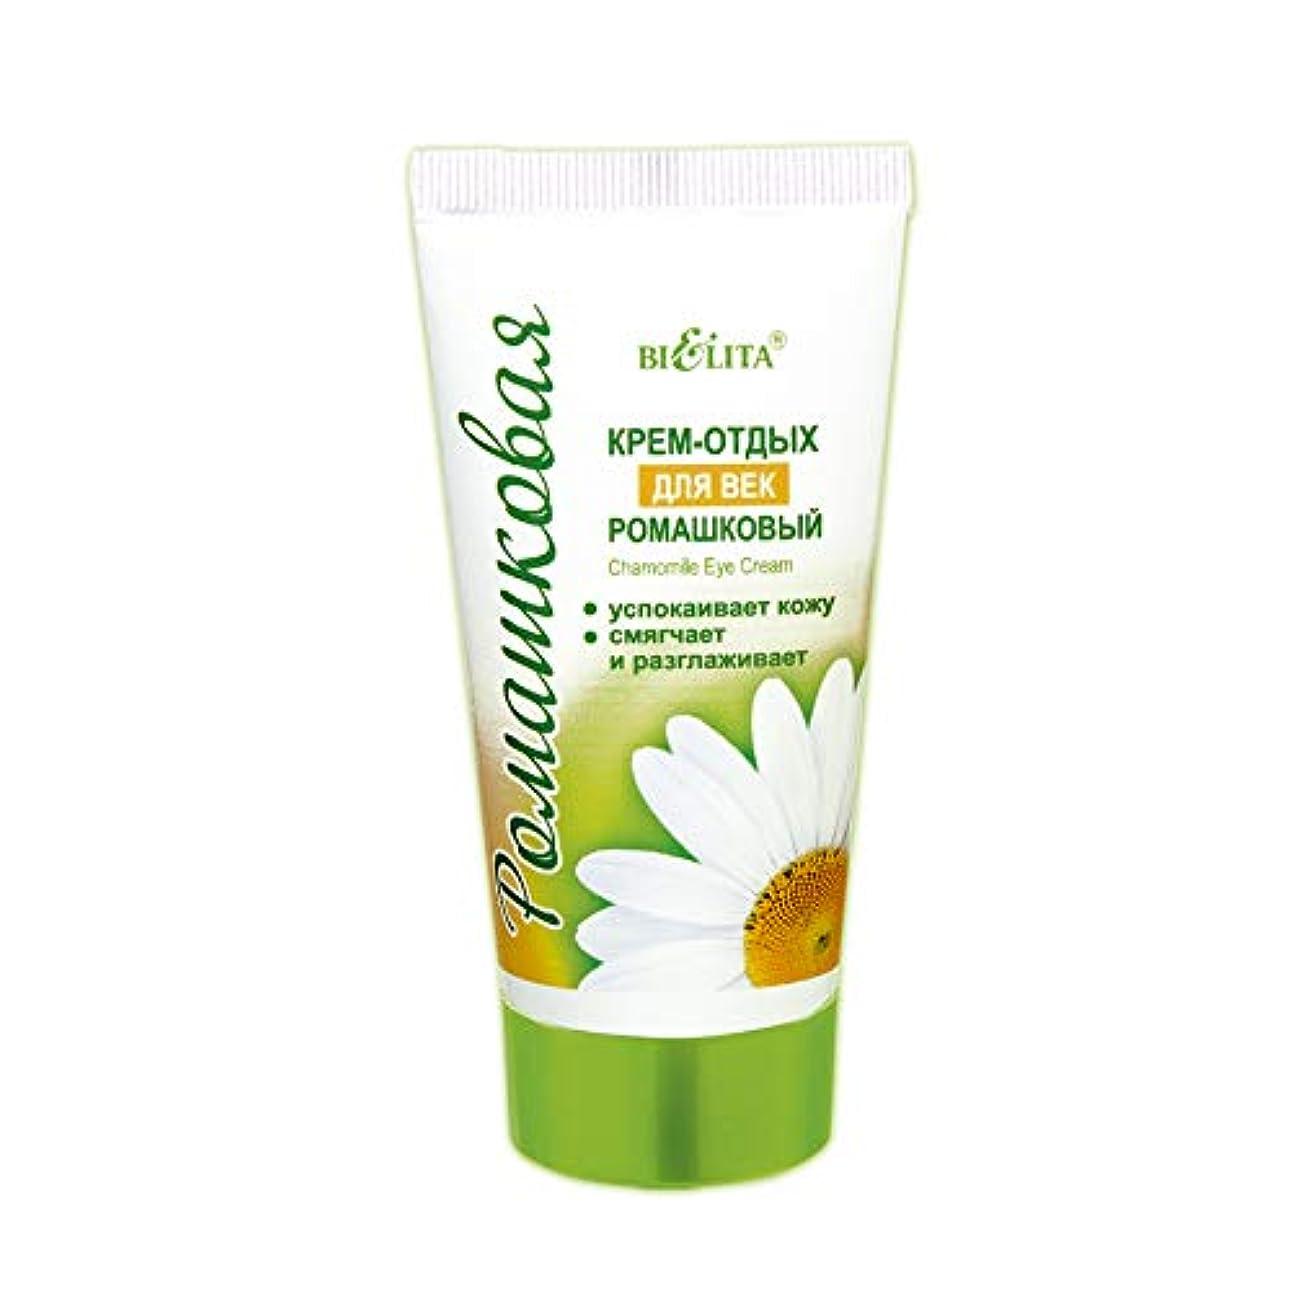 満了月曜日お別れBielita & Vitex Chamomile Line| Relaxing Eye Cream for All Skin Type, 30 ml | Chamomile, Allantoin, Sesame Oil...